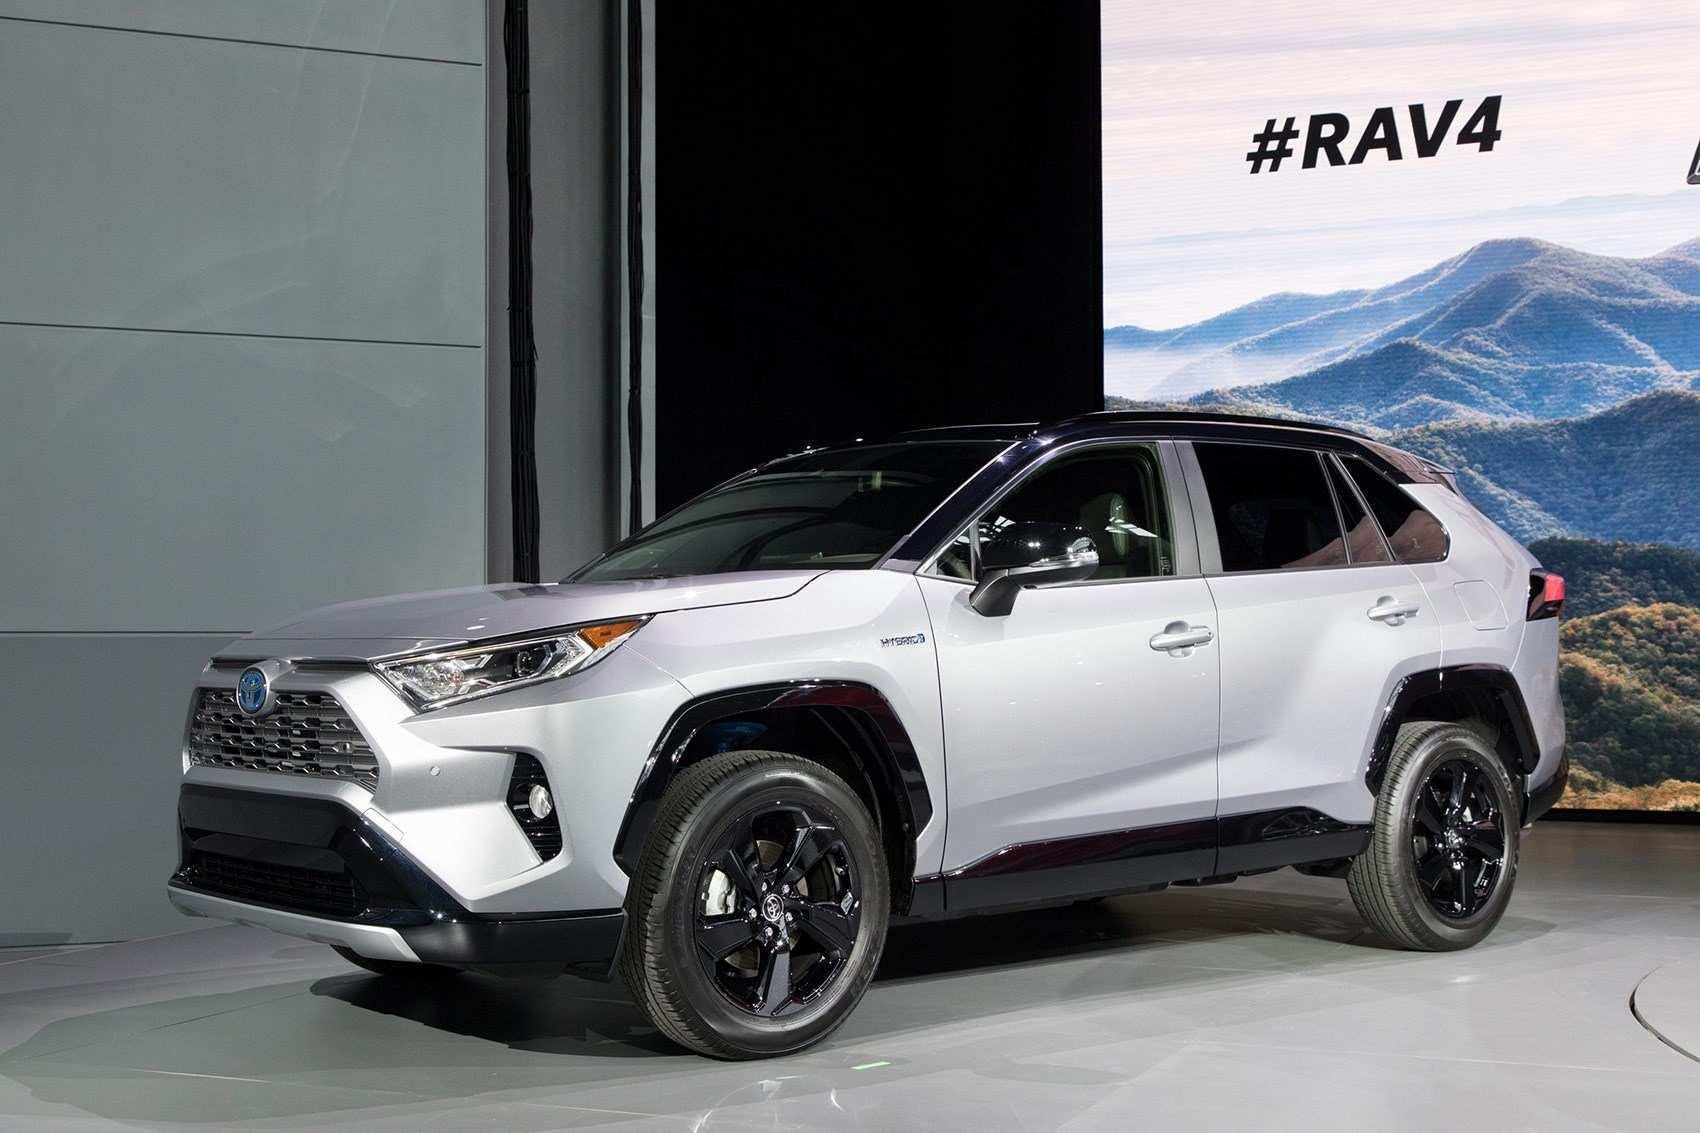 14 Concept of New Toyota Rav4 2019 Price Release New Review by New Toyota Rav4 2019 Price Release